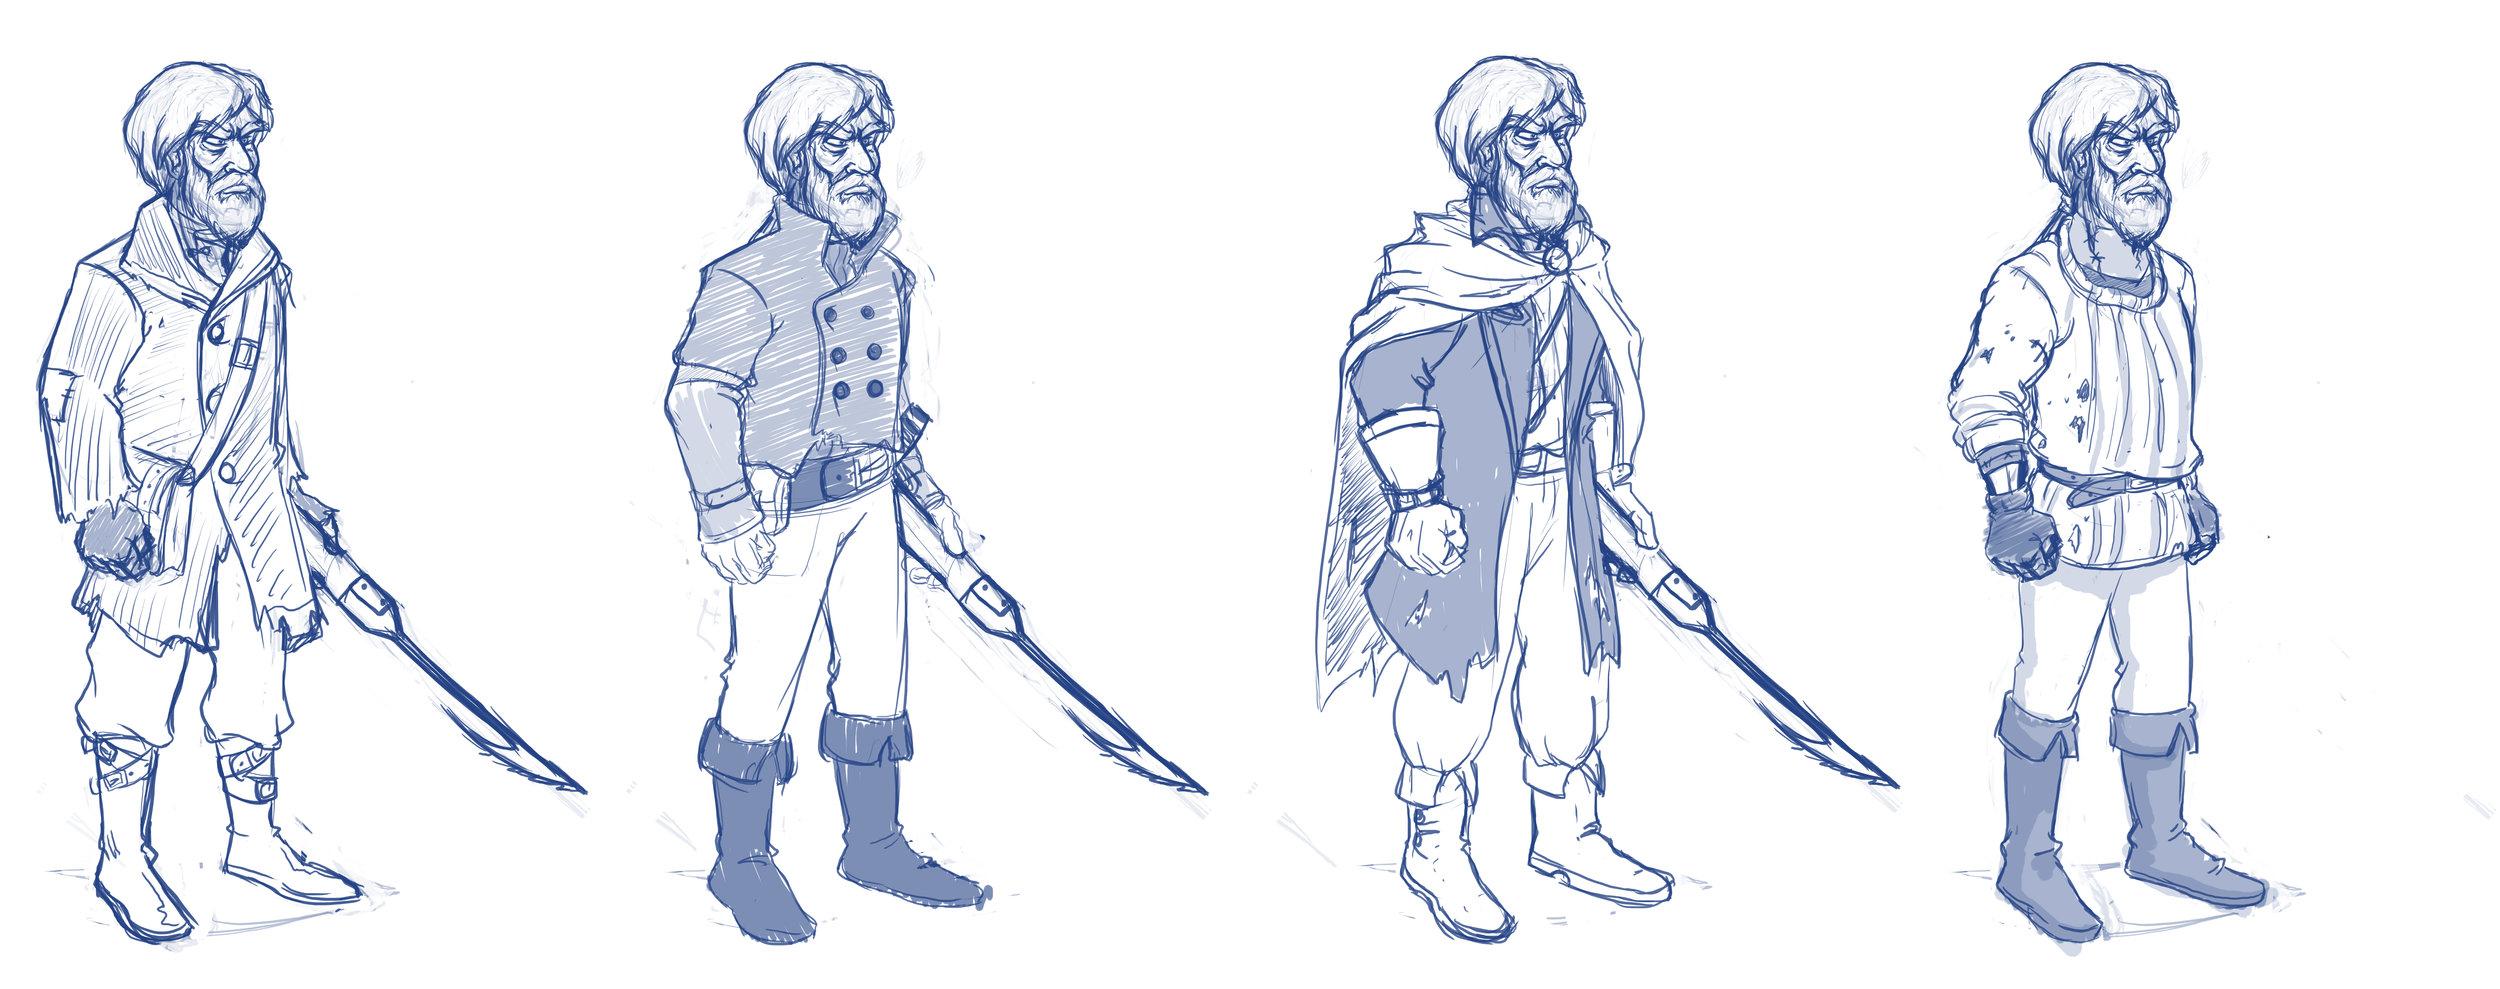 Costume exploration for older Kent